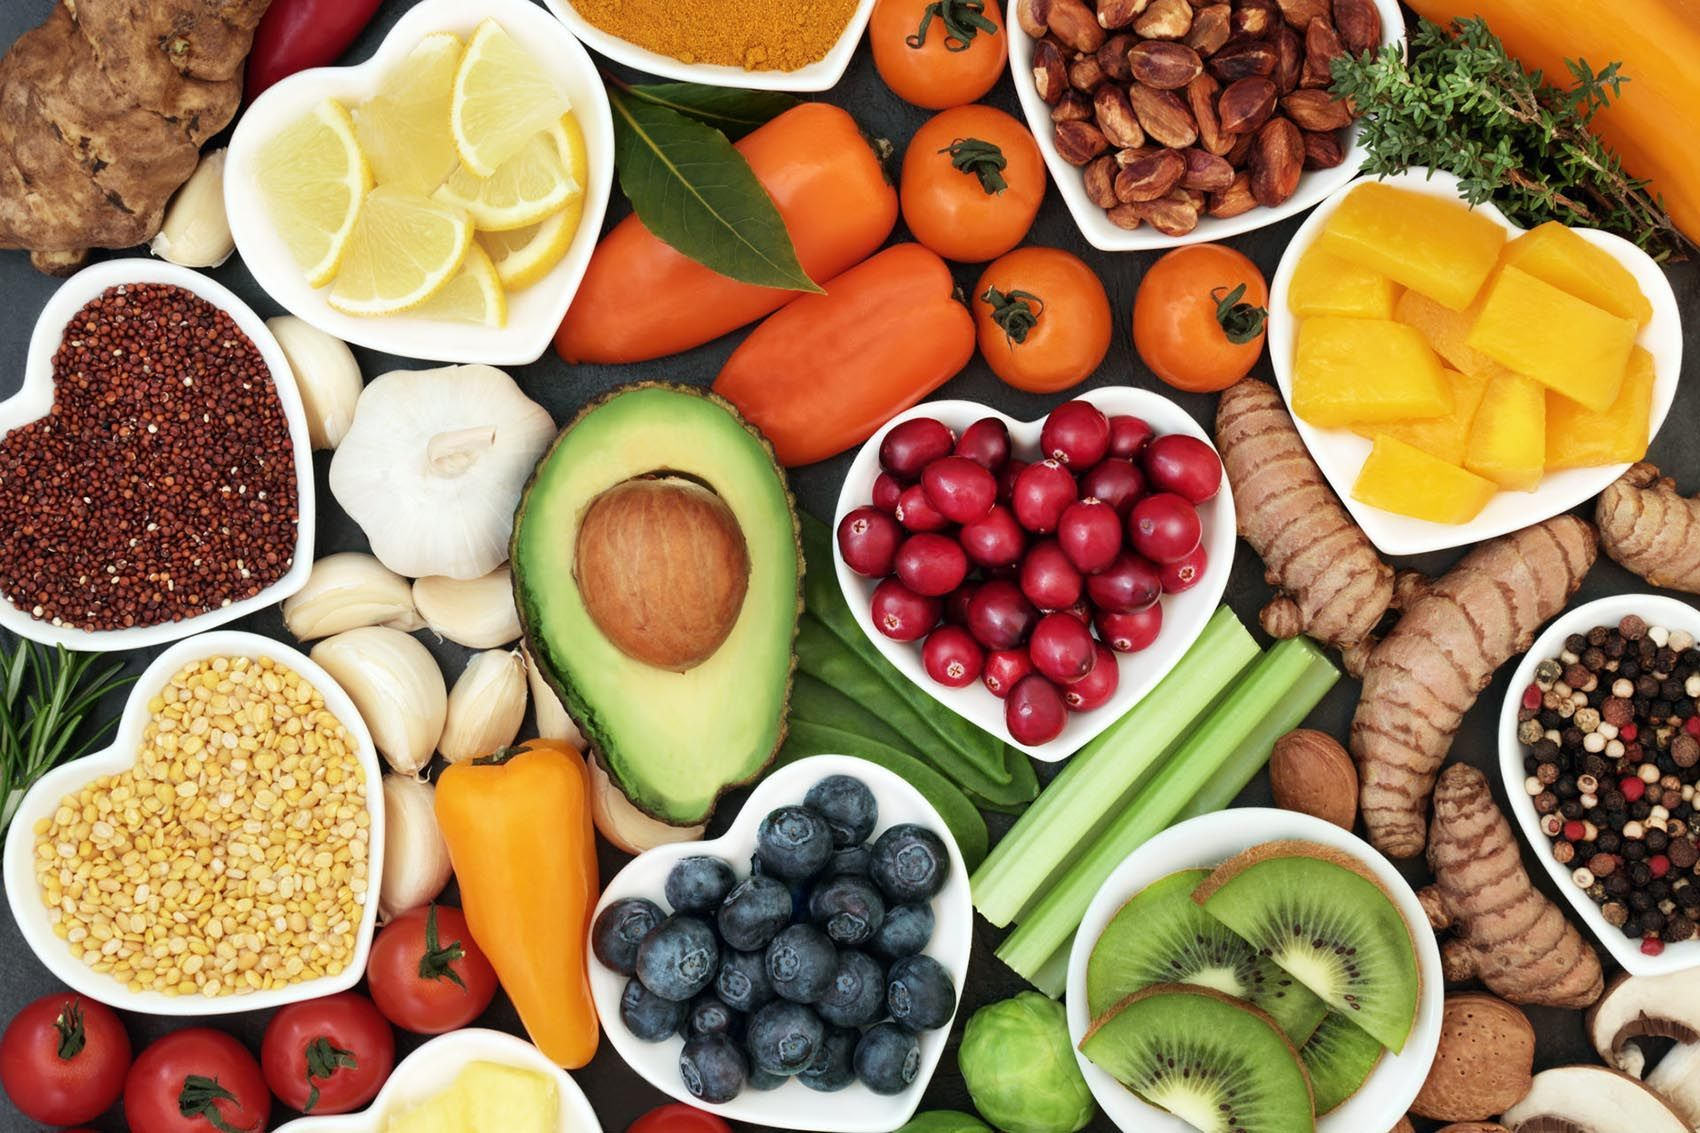 ¿Qué son los antioxidantes? - Nutriweb